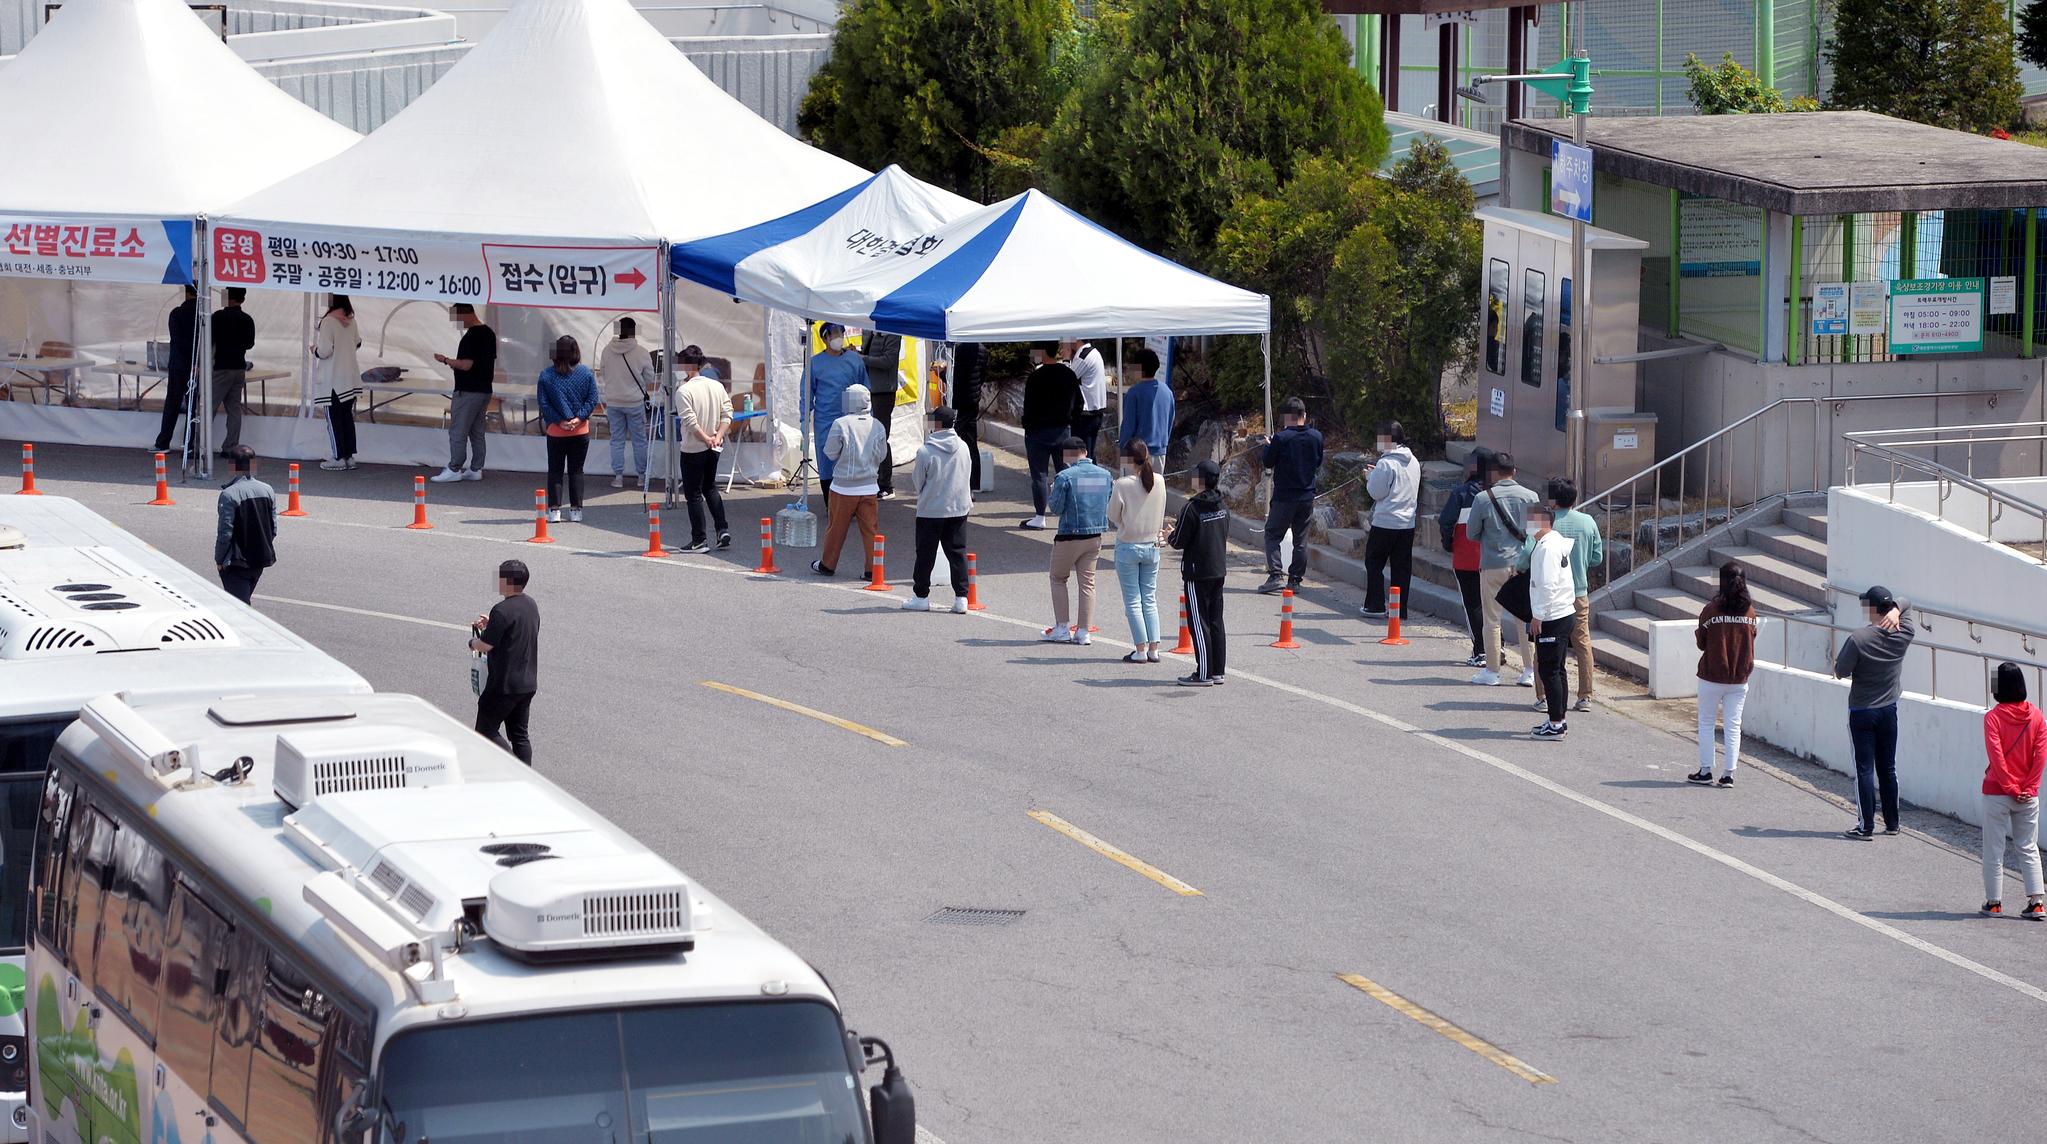 지난 11일 오후 대전 한밭체육관 앞에 마련된 코로나19 선별진료소를 찾은 시민들이 검사를 받기위해 줄 서 차례를 기다리고 있다. 중앙포토